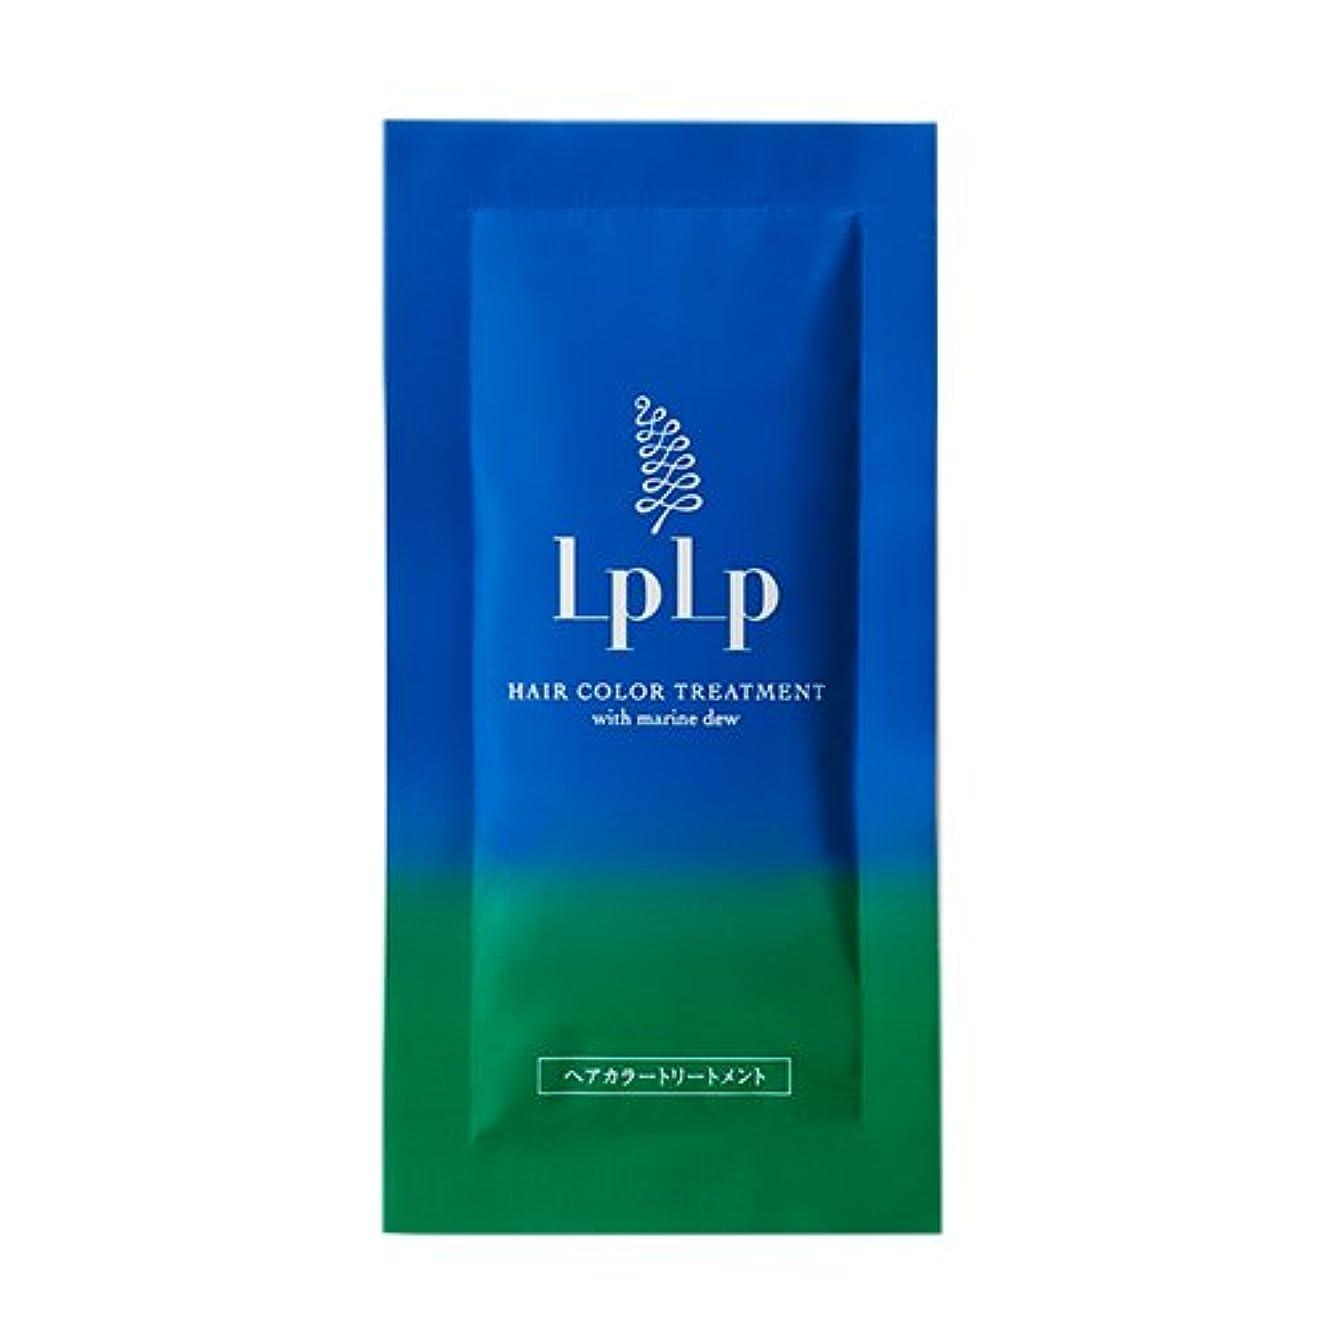 シャワー抜粋ラフ睡眠LPLP(ルプルプ)ヘアカラートリートメントお試しパウチ モカブラウン